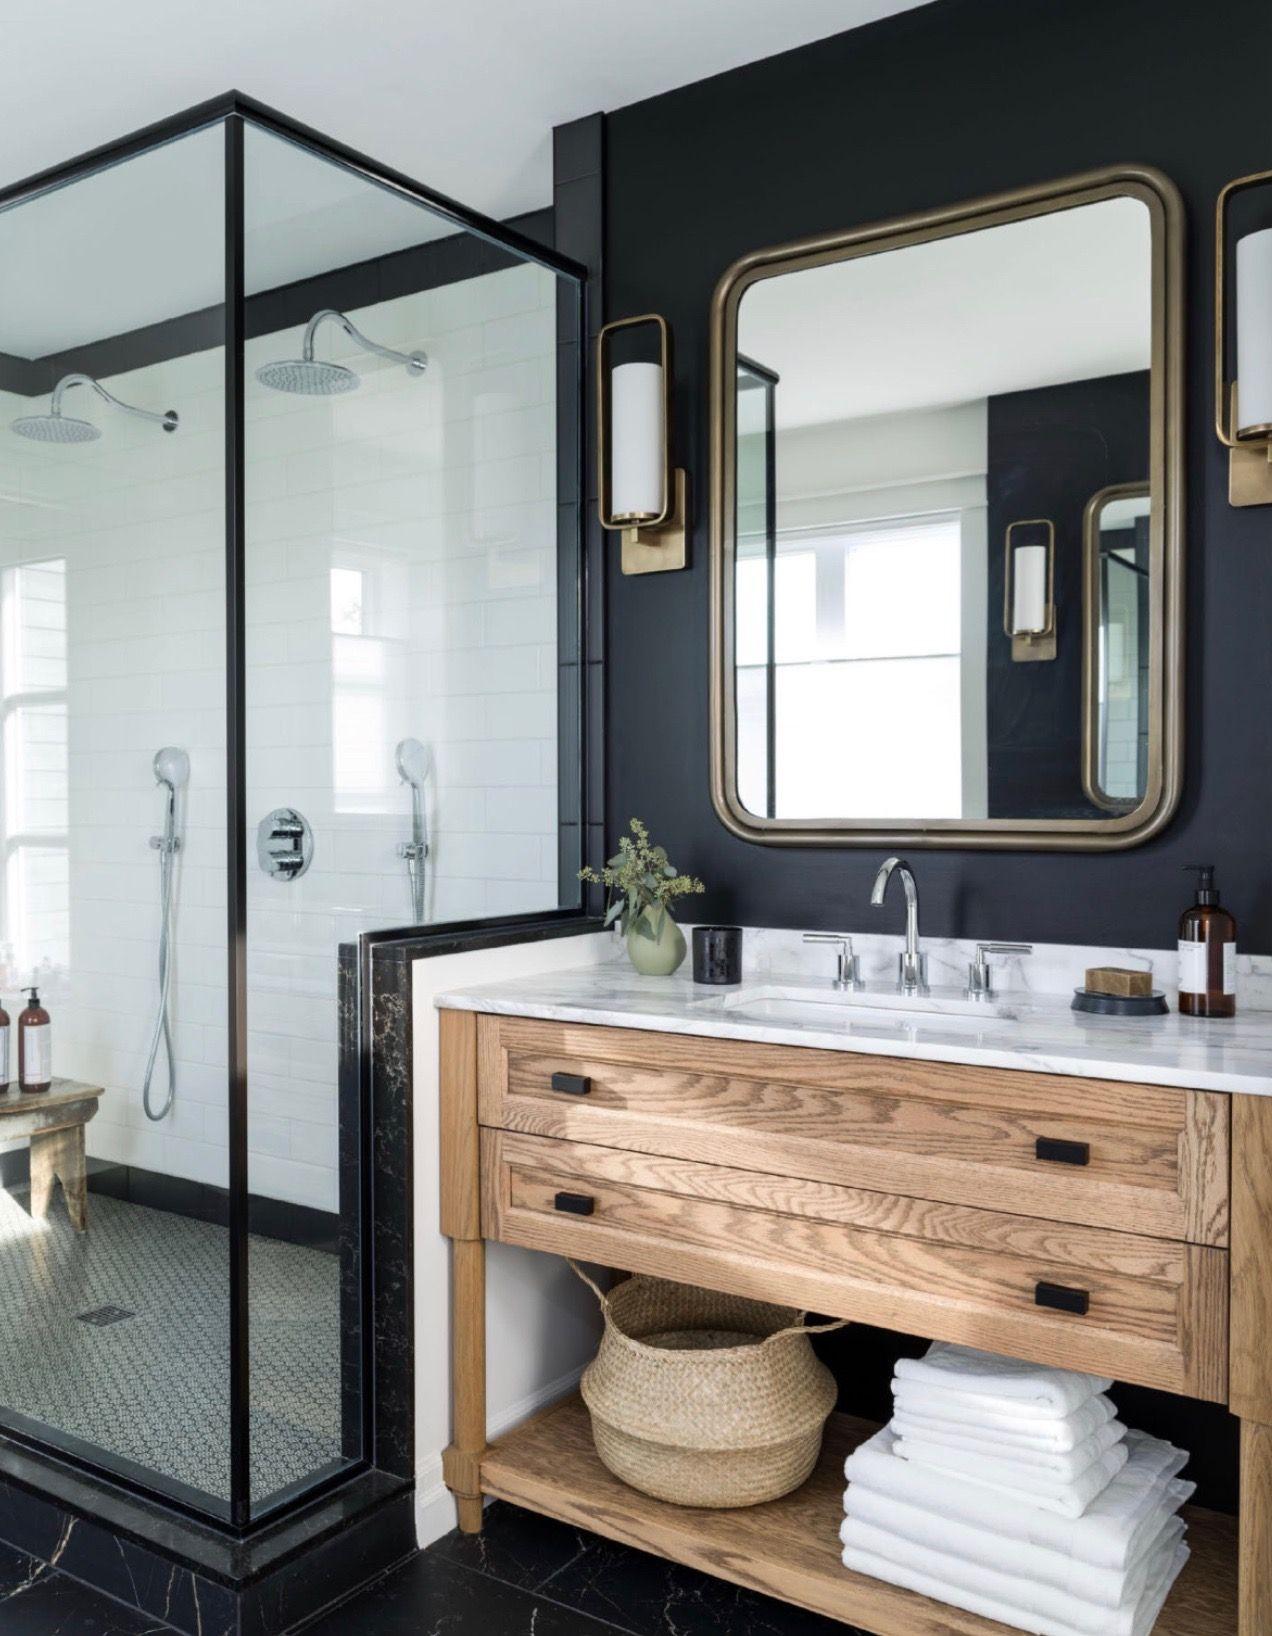 Modern Bathroom With Dark Walls Natural Wood Vanity Modern